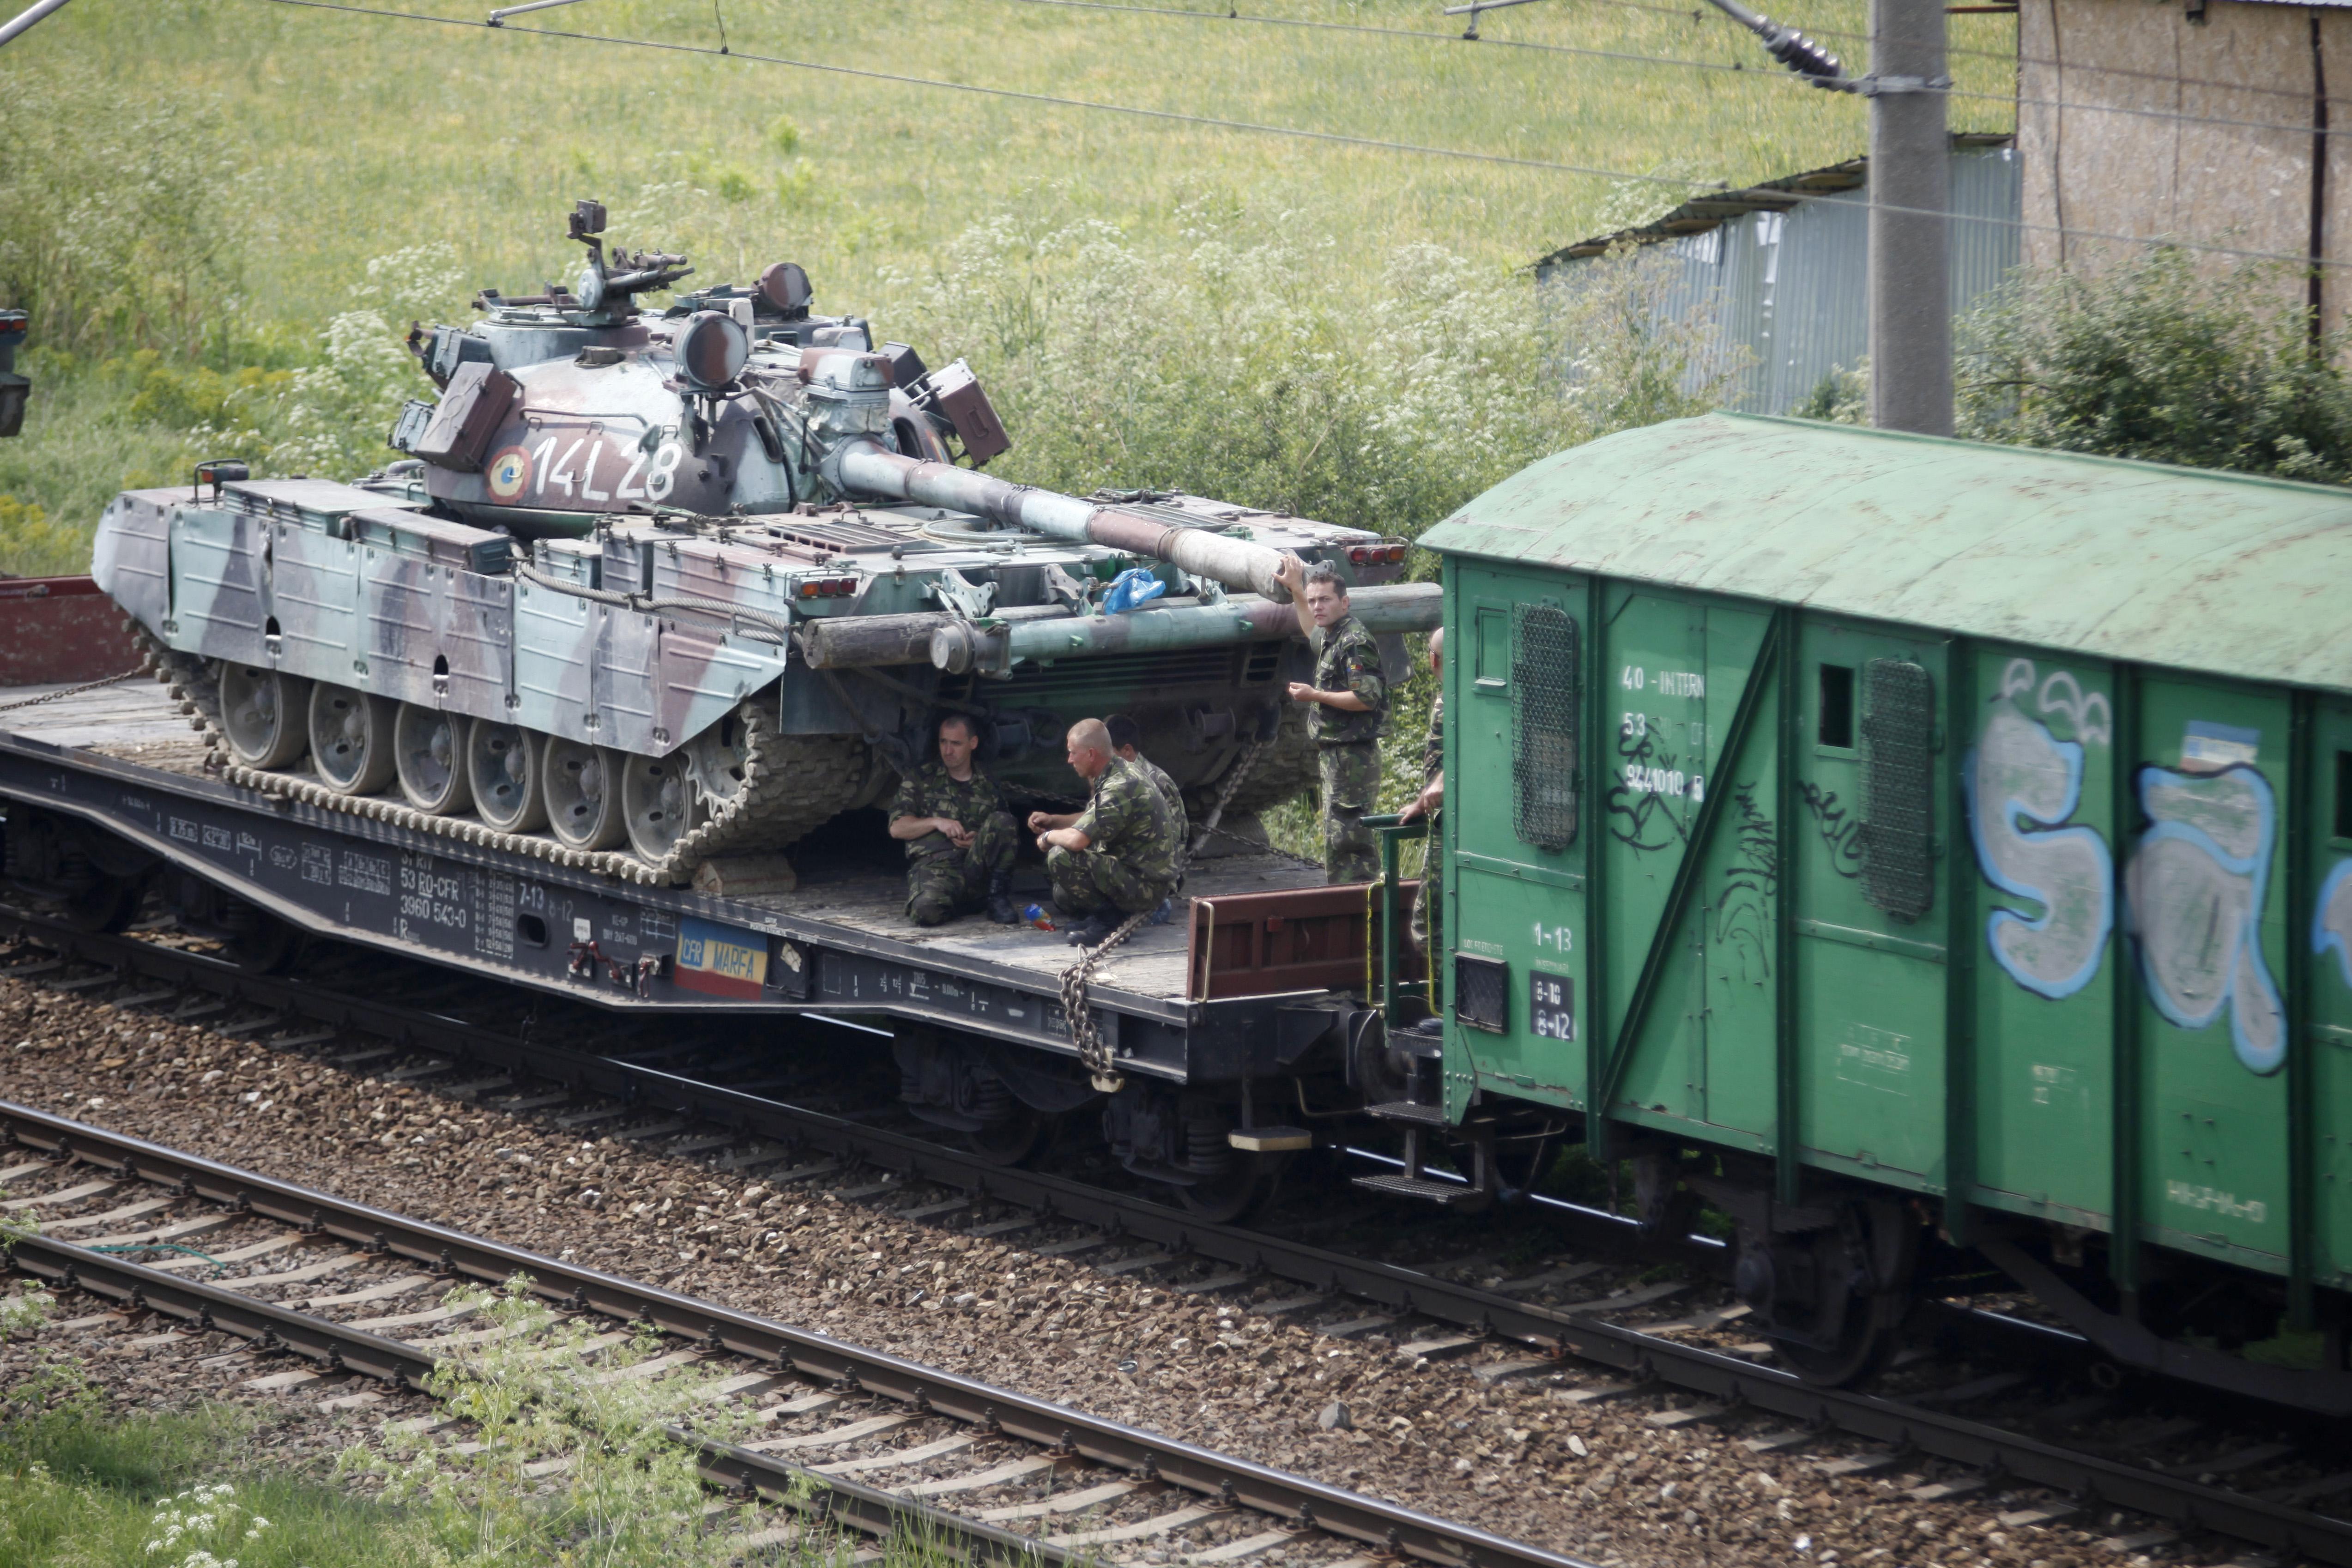 Soldatii au supravegheat indeaproape transportul tancurilor pe calea ferata (sursa foto: Mediafax)